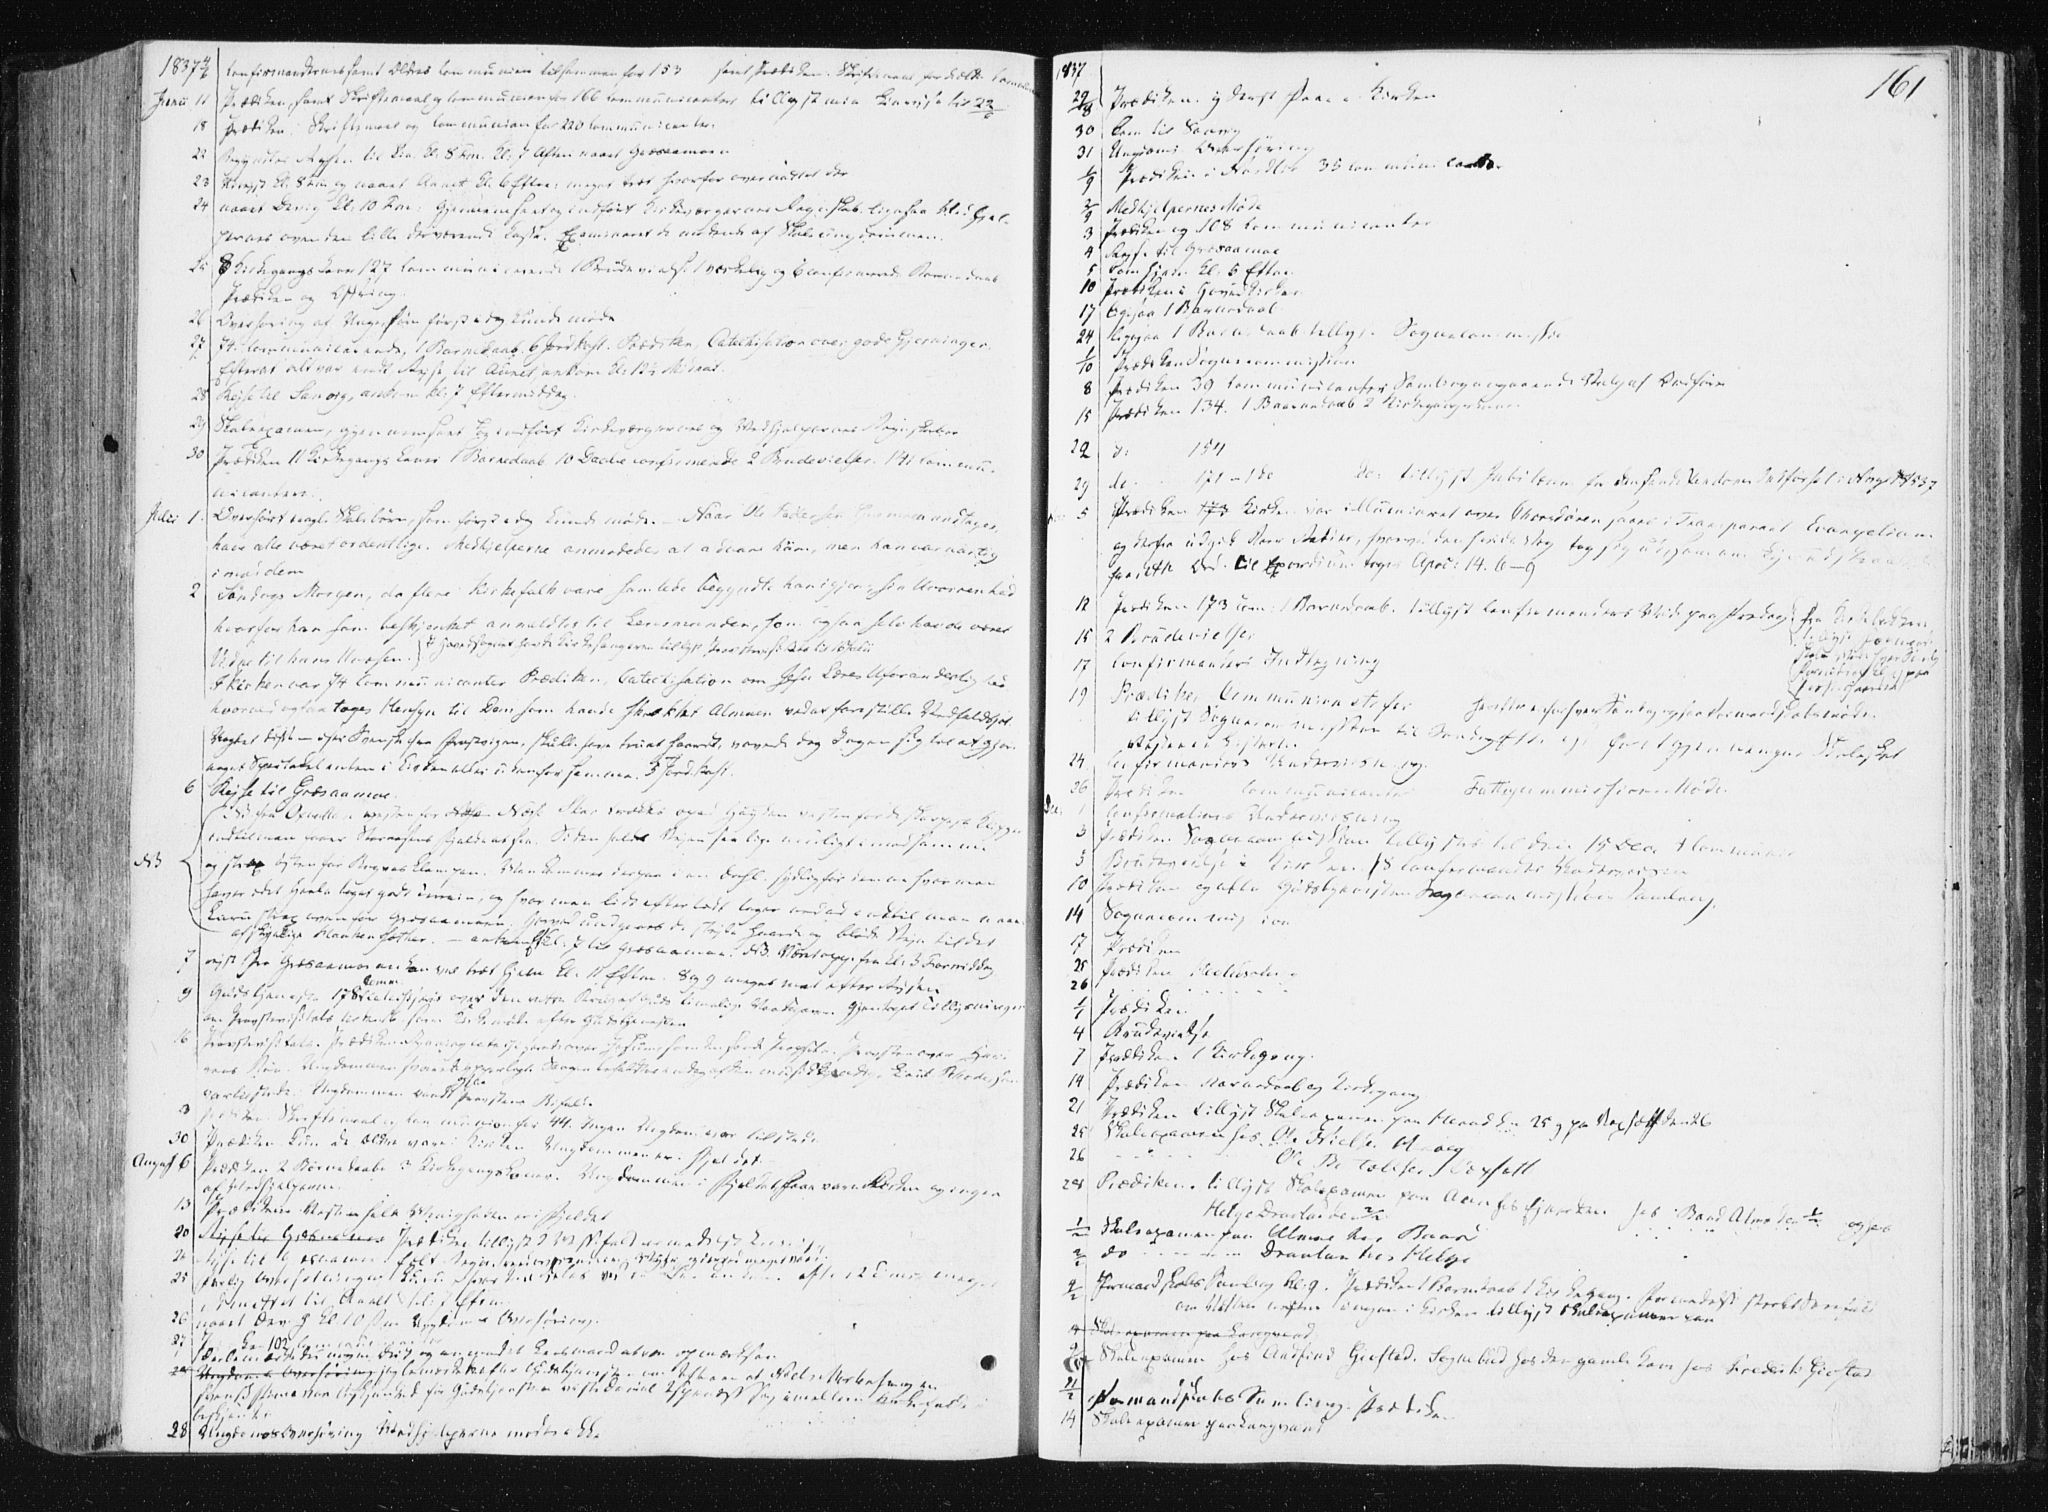 SAT, Ministerialprotokoller, klokkerbøker og fødselsregistre - Nord-Trøndelag, 749/L0470: Ministerialbok nr. 749A04, 1834-1853, s. 161